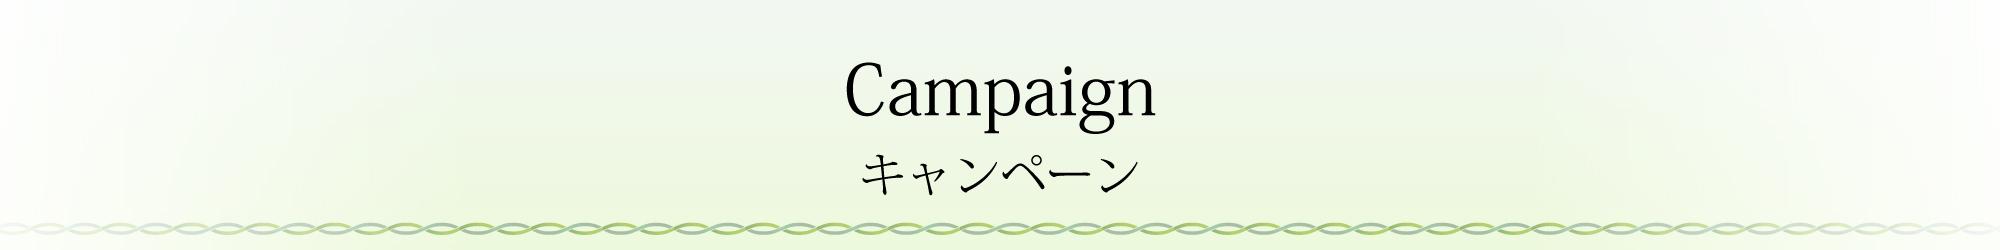 Campaign キャンペーン